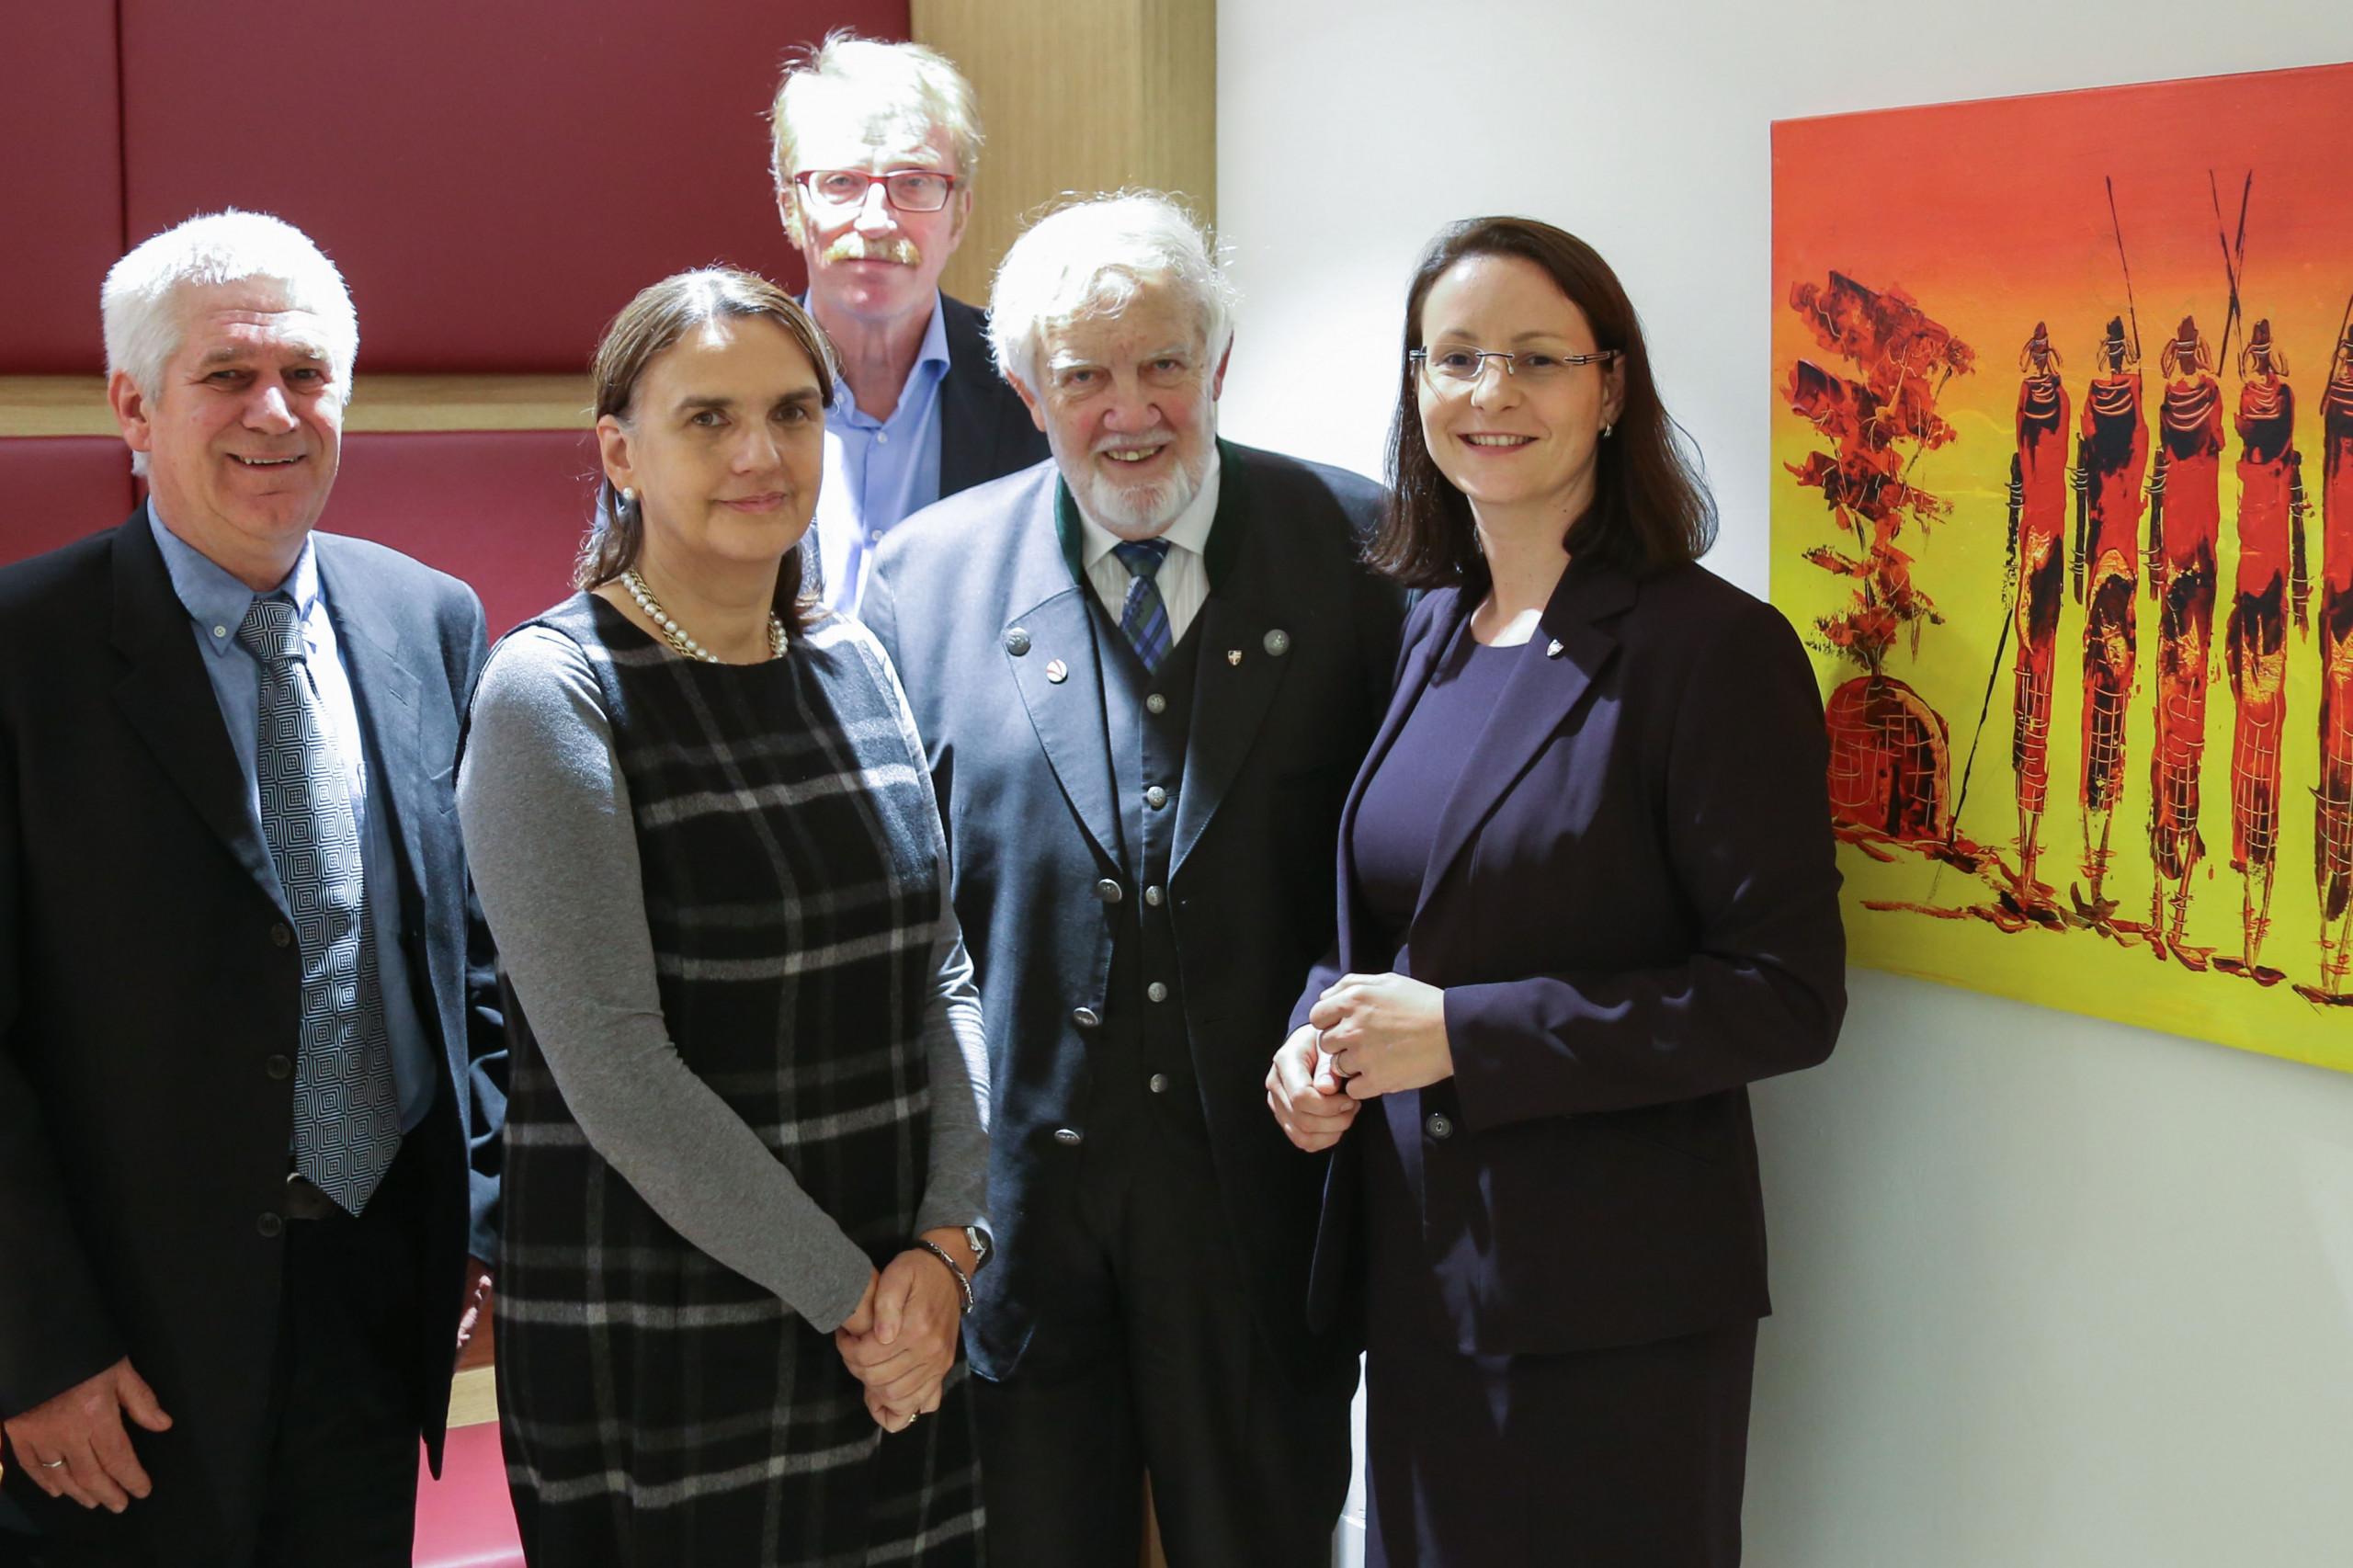 Group photo of Erwin Schreckensperger, Irene Luhn, Thomas Motycka, Eduard Schüssler, Petra Heidler.